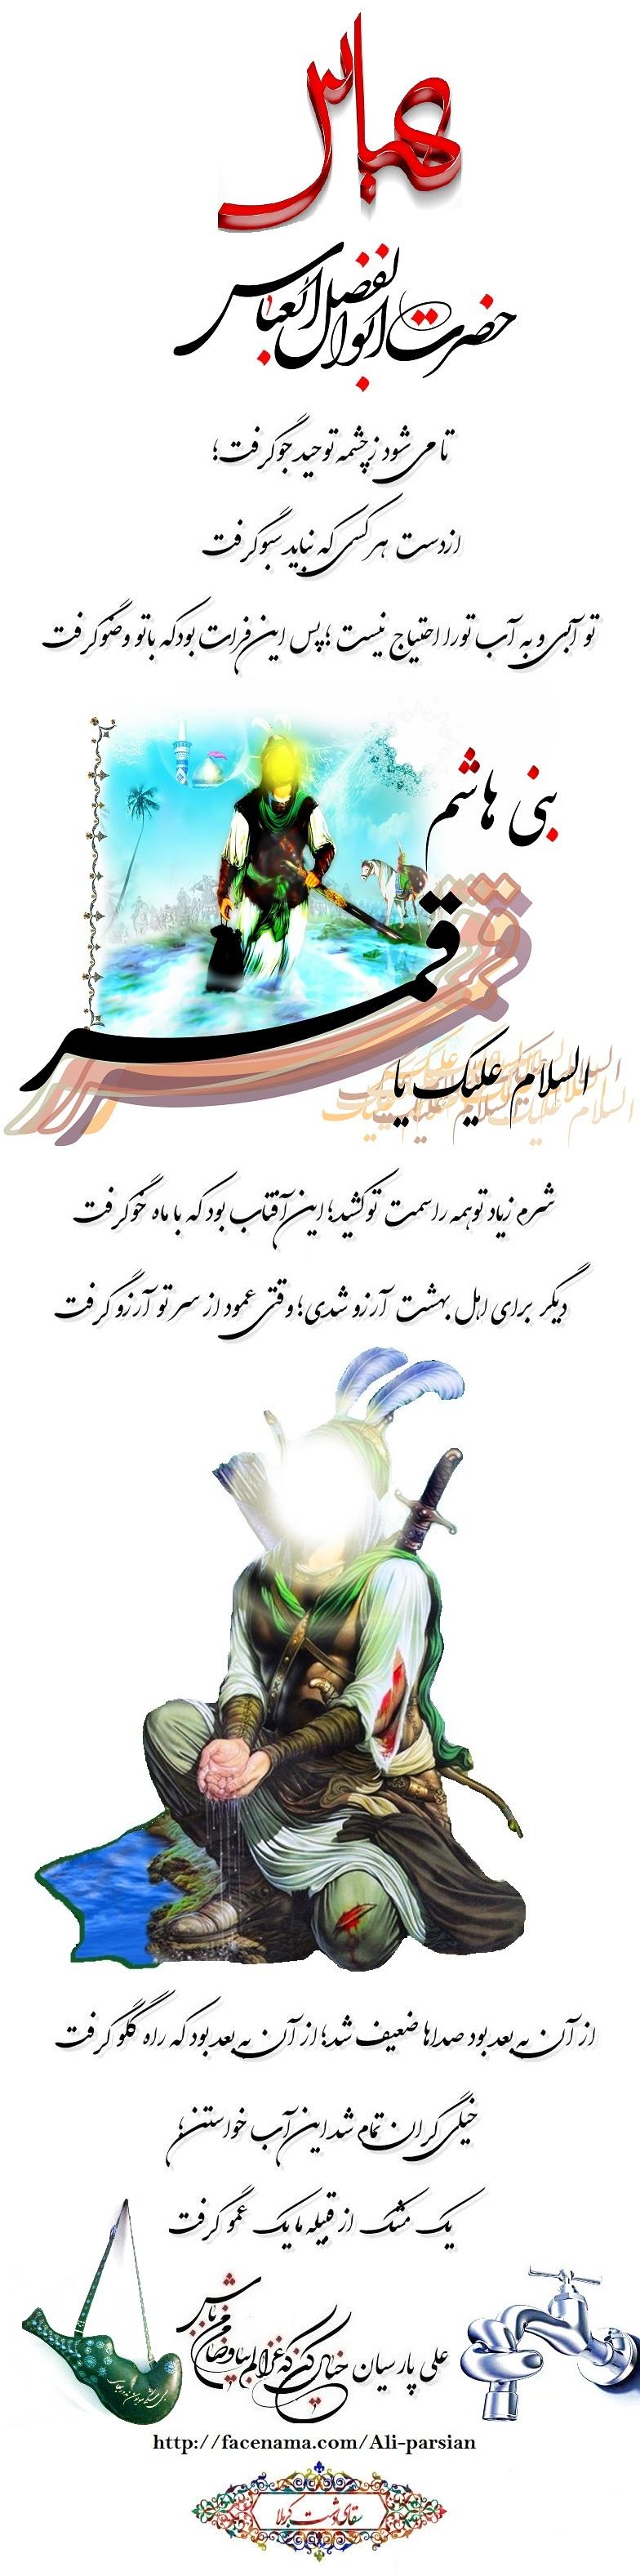 fekh_عباس.jpg